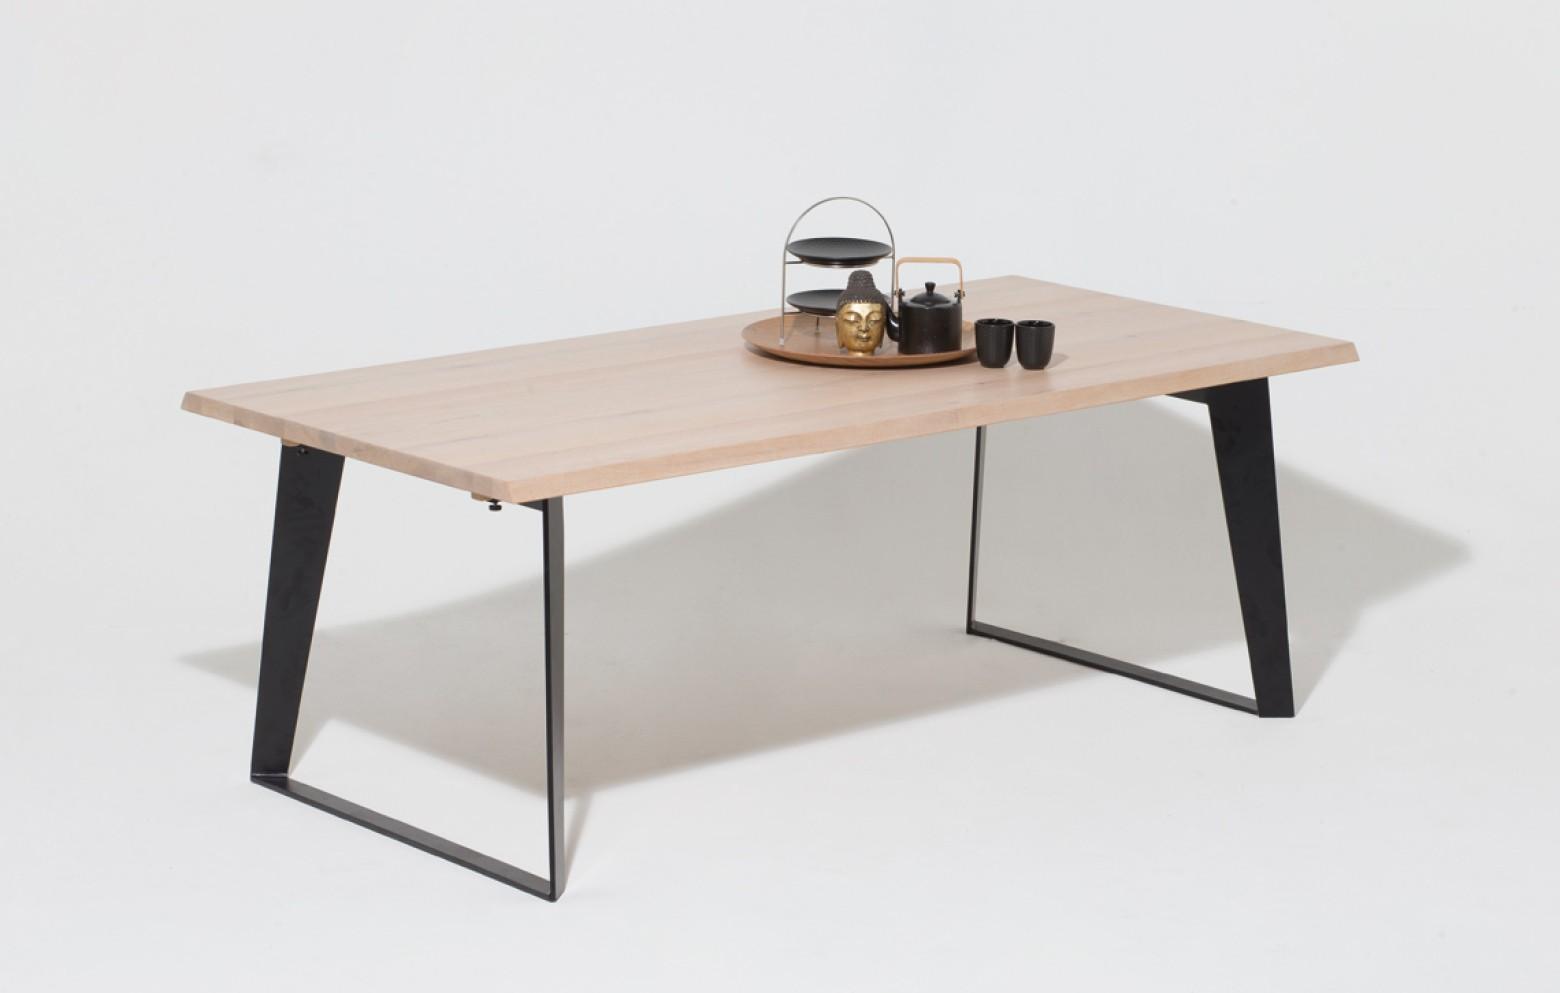 esstisch awesome florenz xcm esstisch tisch holztisch massivholz akazie amazonde kche u. Black Bedroom Furniture Sets. Home Design Ideas